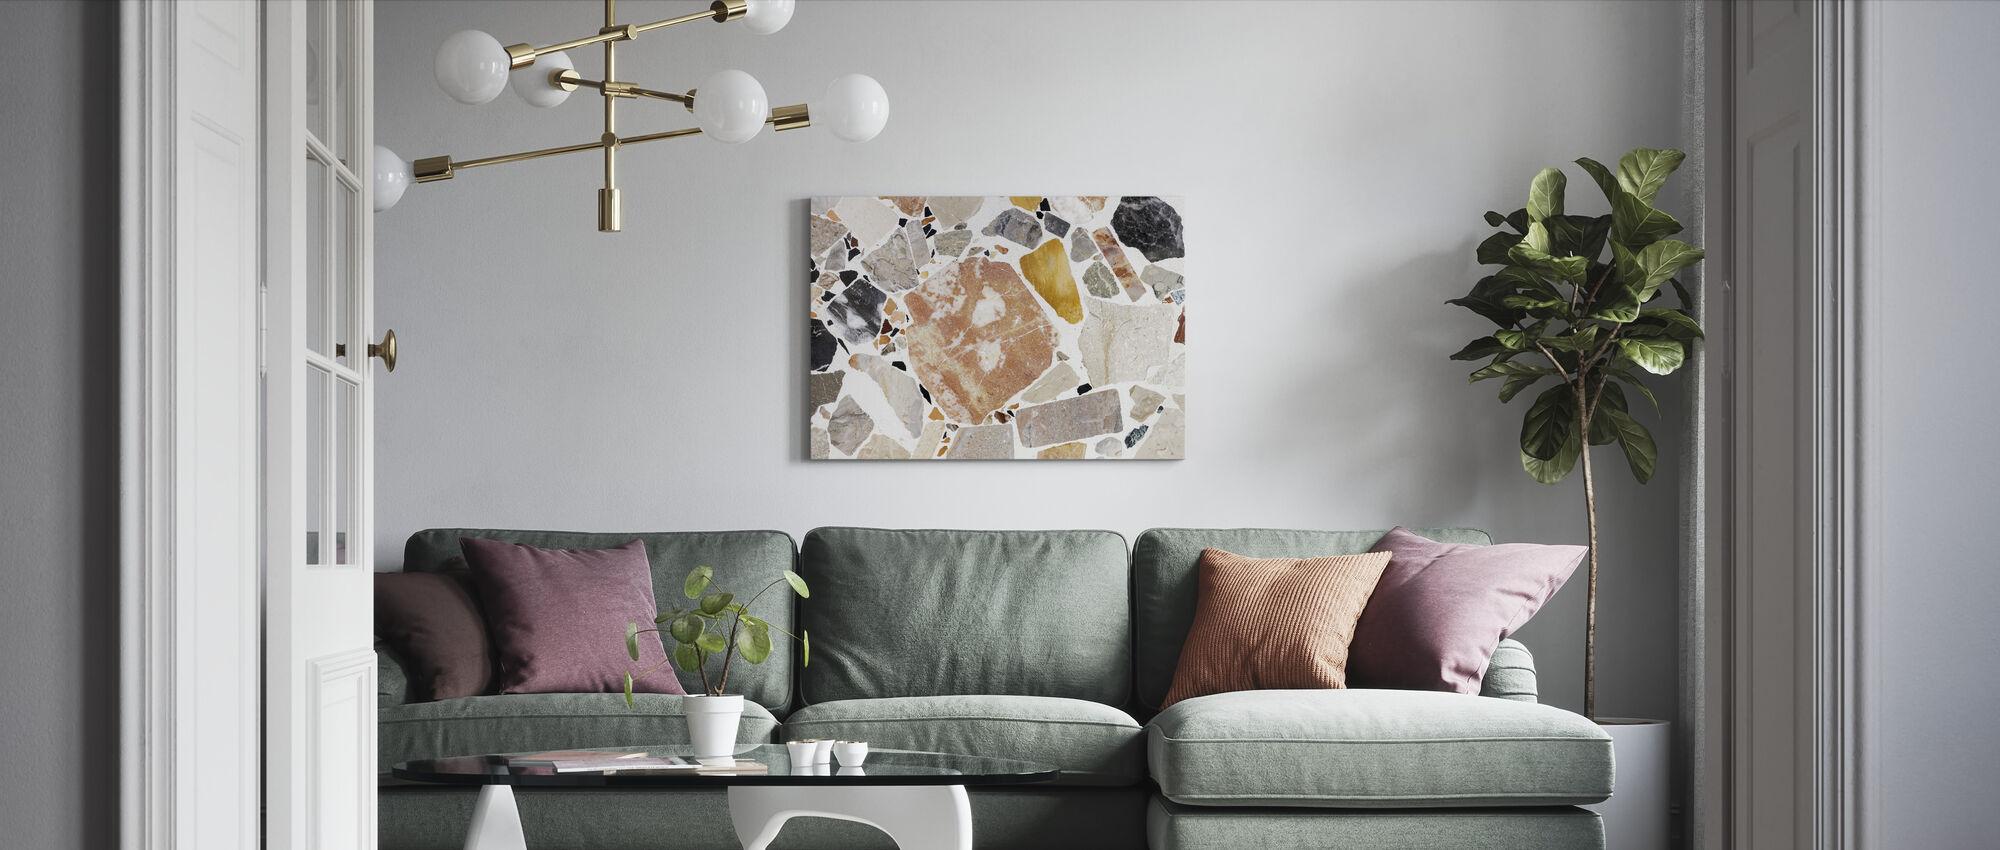 Varm Terrazzo - Leinwandbild - Wohnzimmer